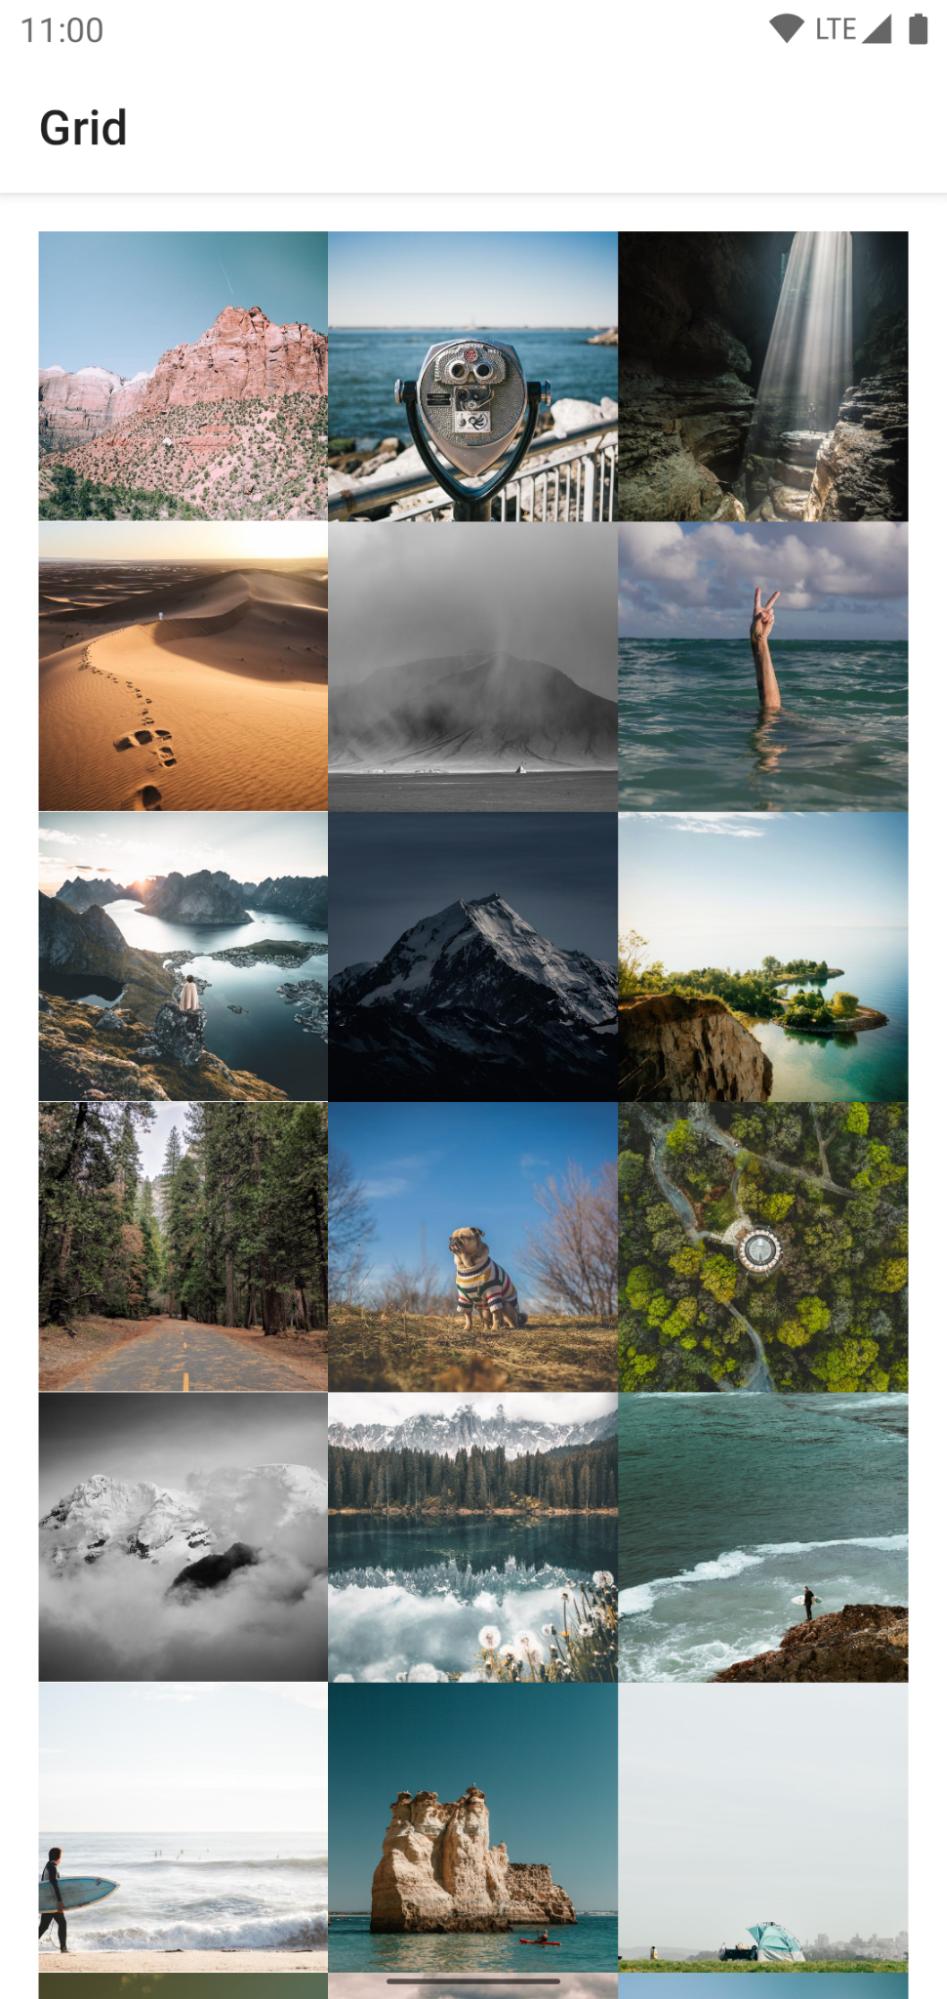 Captura de tela de um smartphone mostrando uma grade de fotos